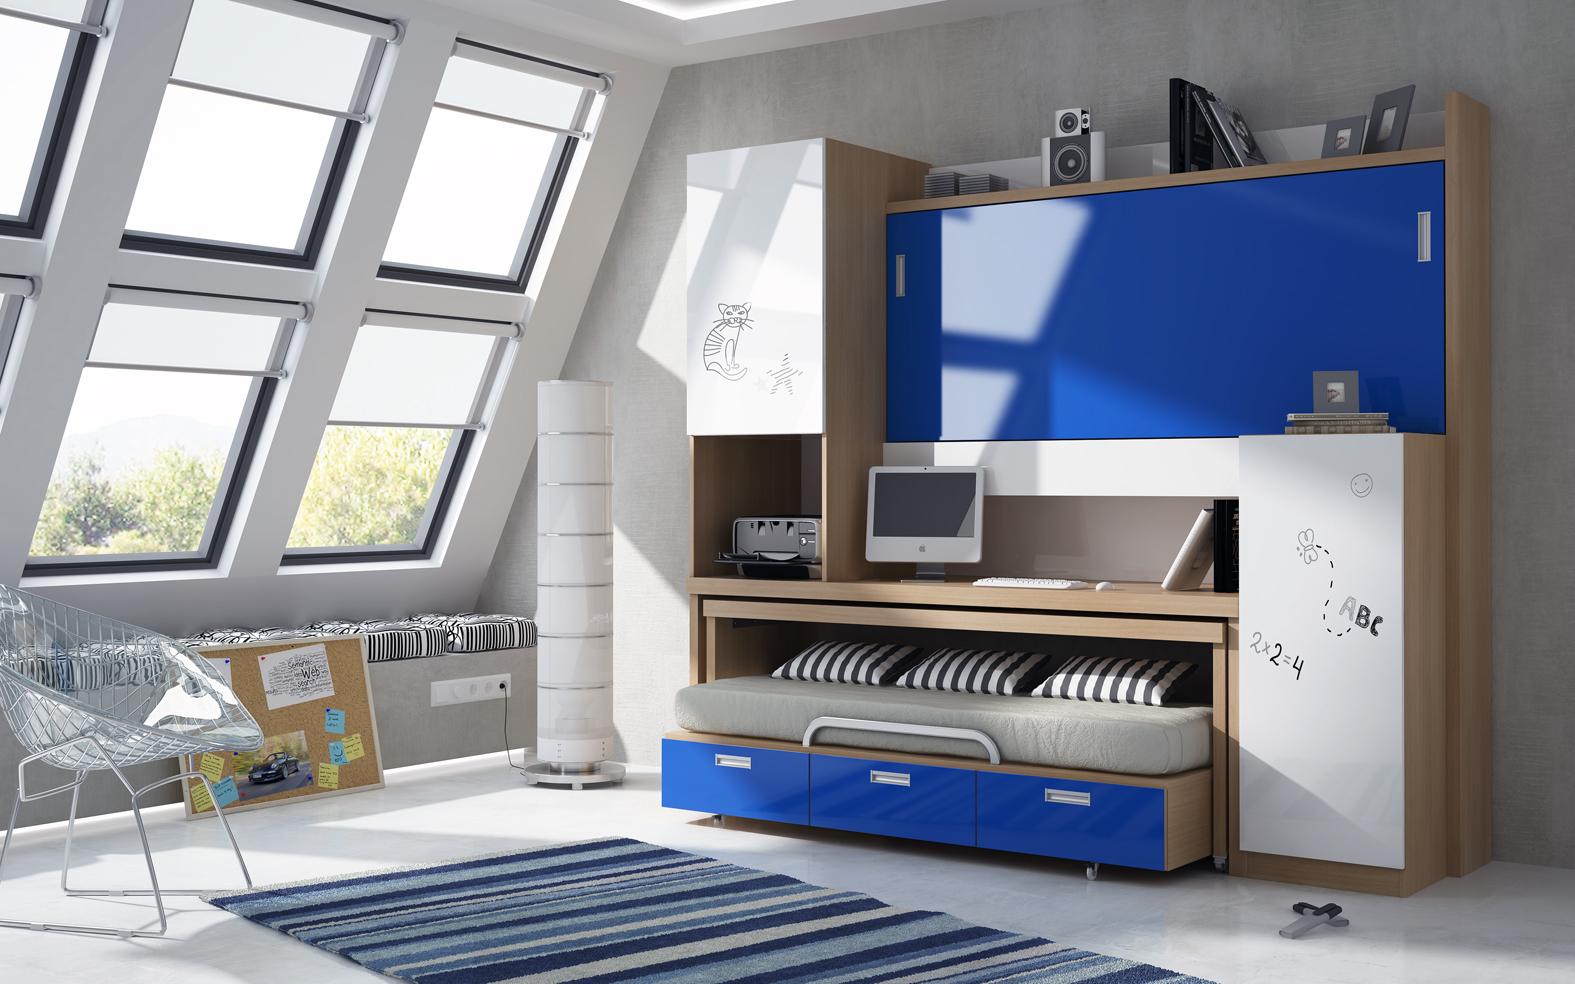 nuevo modelo de litera cama mesa con cama alta abatible y cama nido debajo